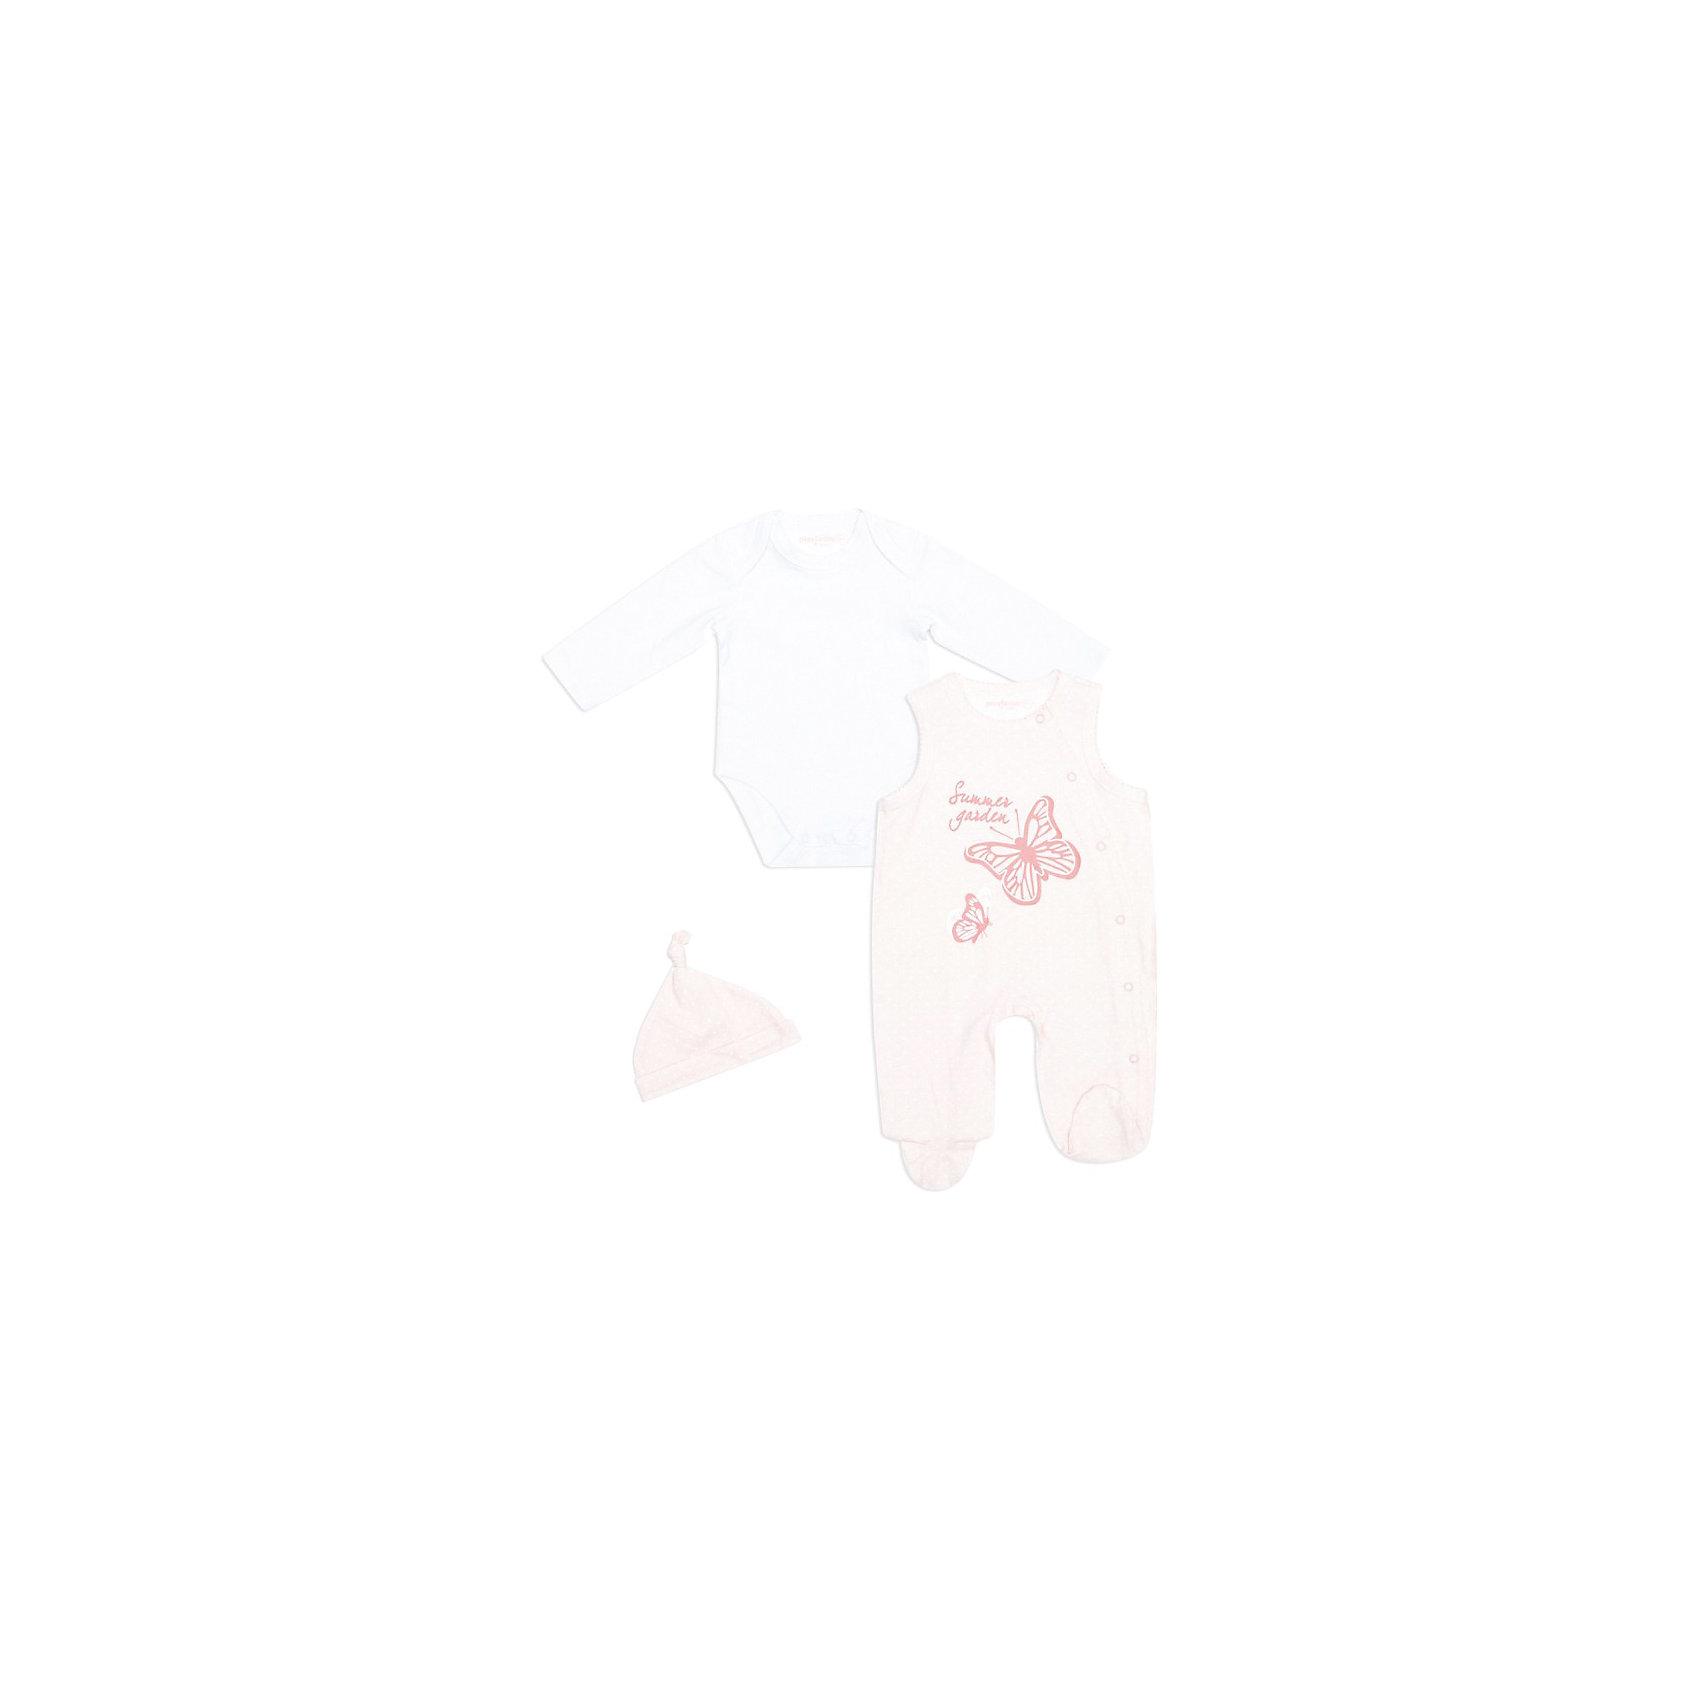 Комплект:боди+полукомбинезон, шапка для девочки PlayTodayКомплект:боди+полукомбинезон, шапка для девочки от PLayToday.<br>* превосходный комплект для новорожденного малыша<br>* комплект состоит из шапочки, боди и ползунков<br>* наружные швы<br>* подарочный комплект упакован в подарочную коробку???<br>Шапочка:<br>* мягкая шапочка из двойного трикотажа плотно прилегает к голове <br>* модель украшена узелком на макушке<br>Боди:<br>* боди с длинным рукавом из хлопкового трикотажа<br>* округлый вырез горловины <br>* потайная застежка на кнопки в плевых швах<br>* для смены подгузника предусмотрены кнопки снизу боди<br>Ползунки:<br>* модель с округлым вырезом горловины, без рукавов<br>* ассиметричная линия застежки на кнопки по всей длине ползунков<br>* горловина и пройма украшены ажурной строчкой<br>* принт<br><br>Состав:<br>95% хлопок, 5% эластан<br><br>Комплект:боди+полукомбинезон, Шапку для девочки PlayToday (Плэйтудей) можно купить в нашем магазине.<br><br>Ширина мм: 157<br>Глубина мм: 13<br>Высота мм: 119<br>Вес г: 200<br>Цвет: бело-розовый<br>Возраст от месяцев: 6<br>Возраст до месяцев: 9<br>Пол: Женский<br>Возраст: Детский<br>Размер: 74,62,68,56<br>SKU: 3514060